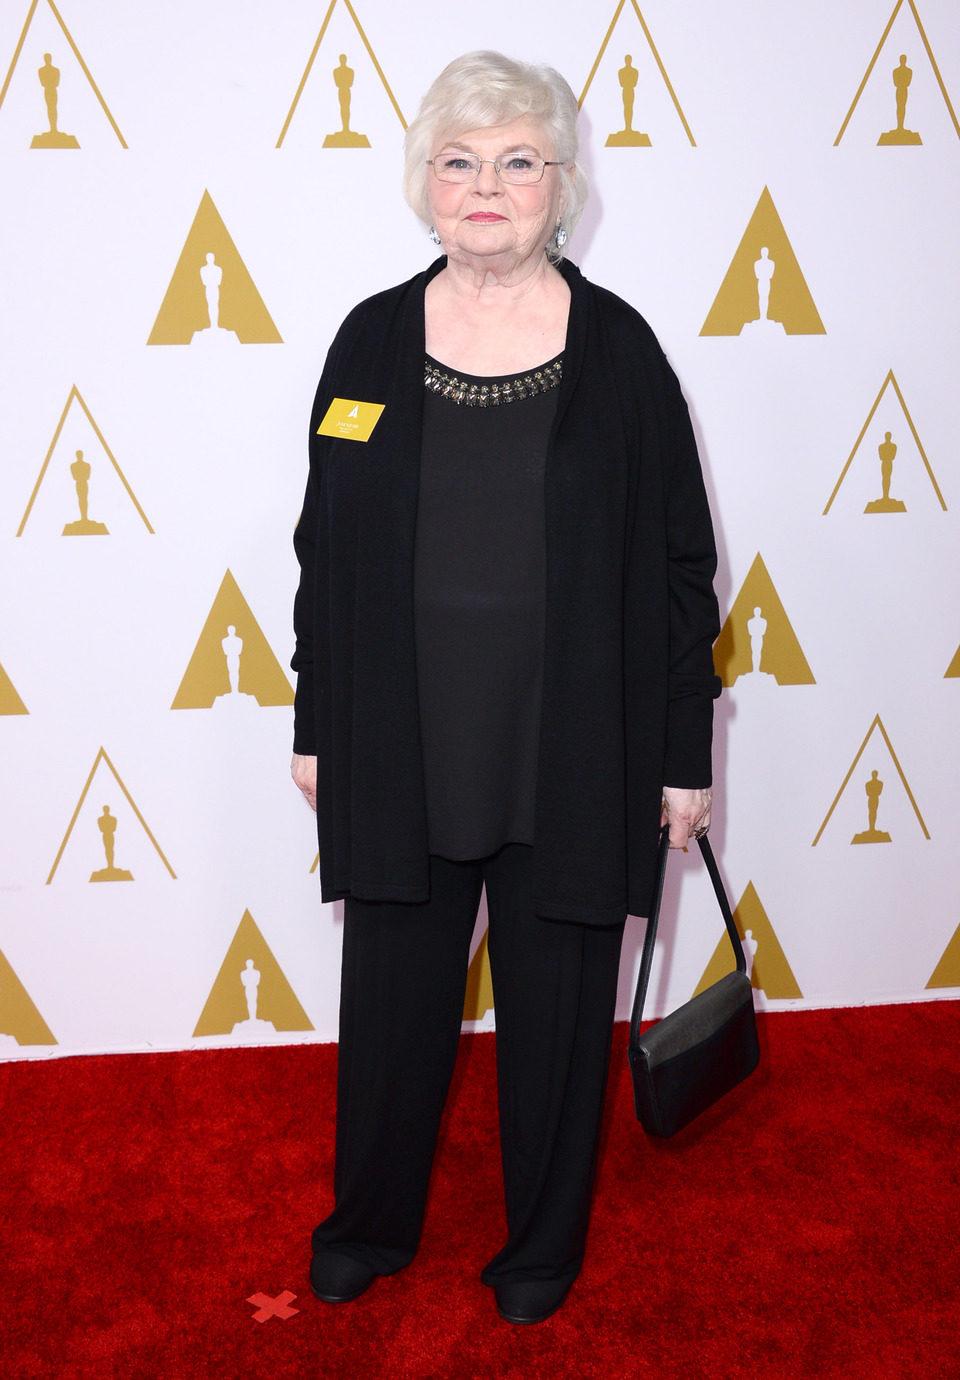 June Squibb en el almuerzo de los nominados a los Premios Oscar 2014